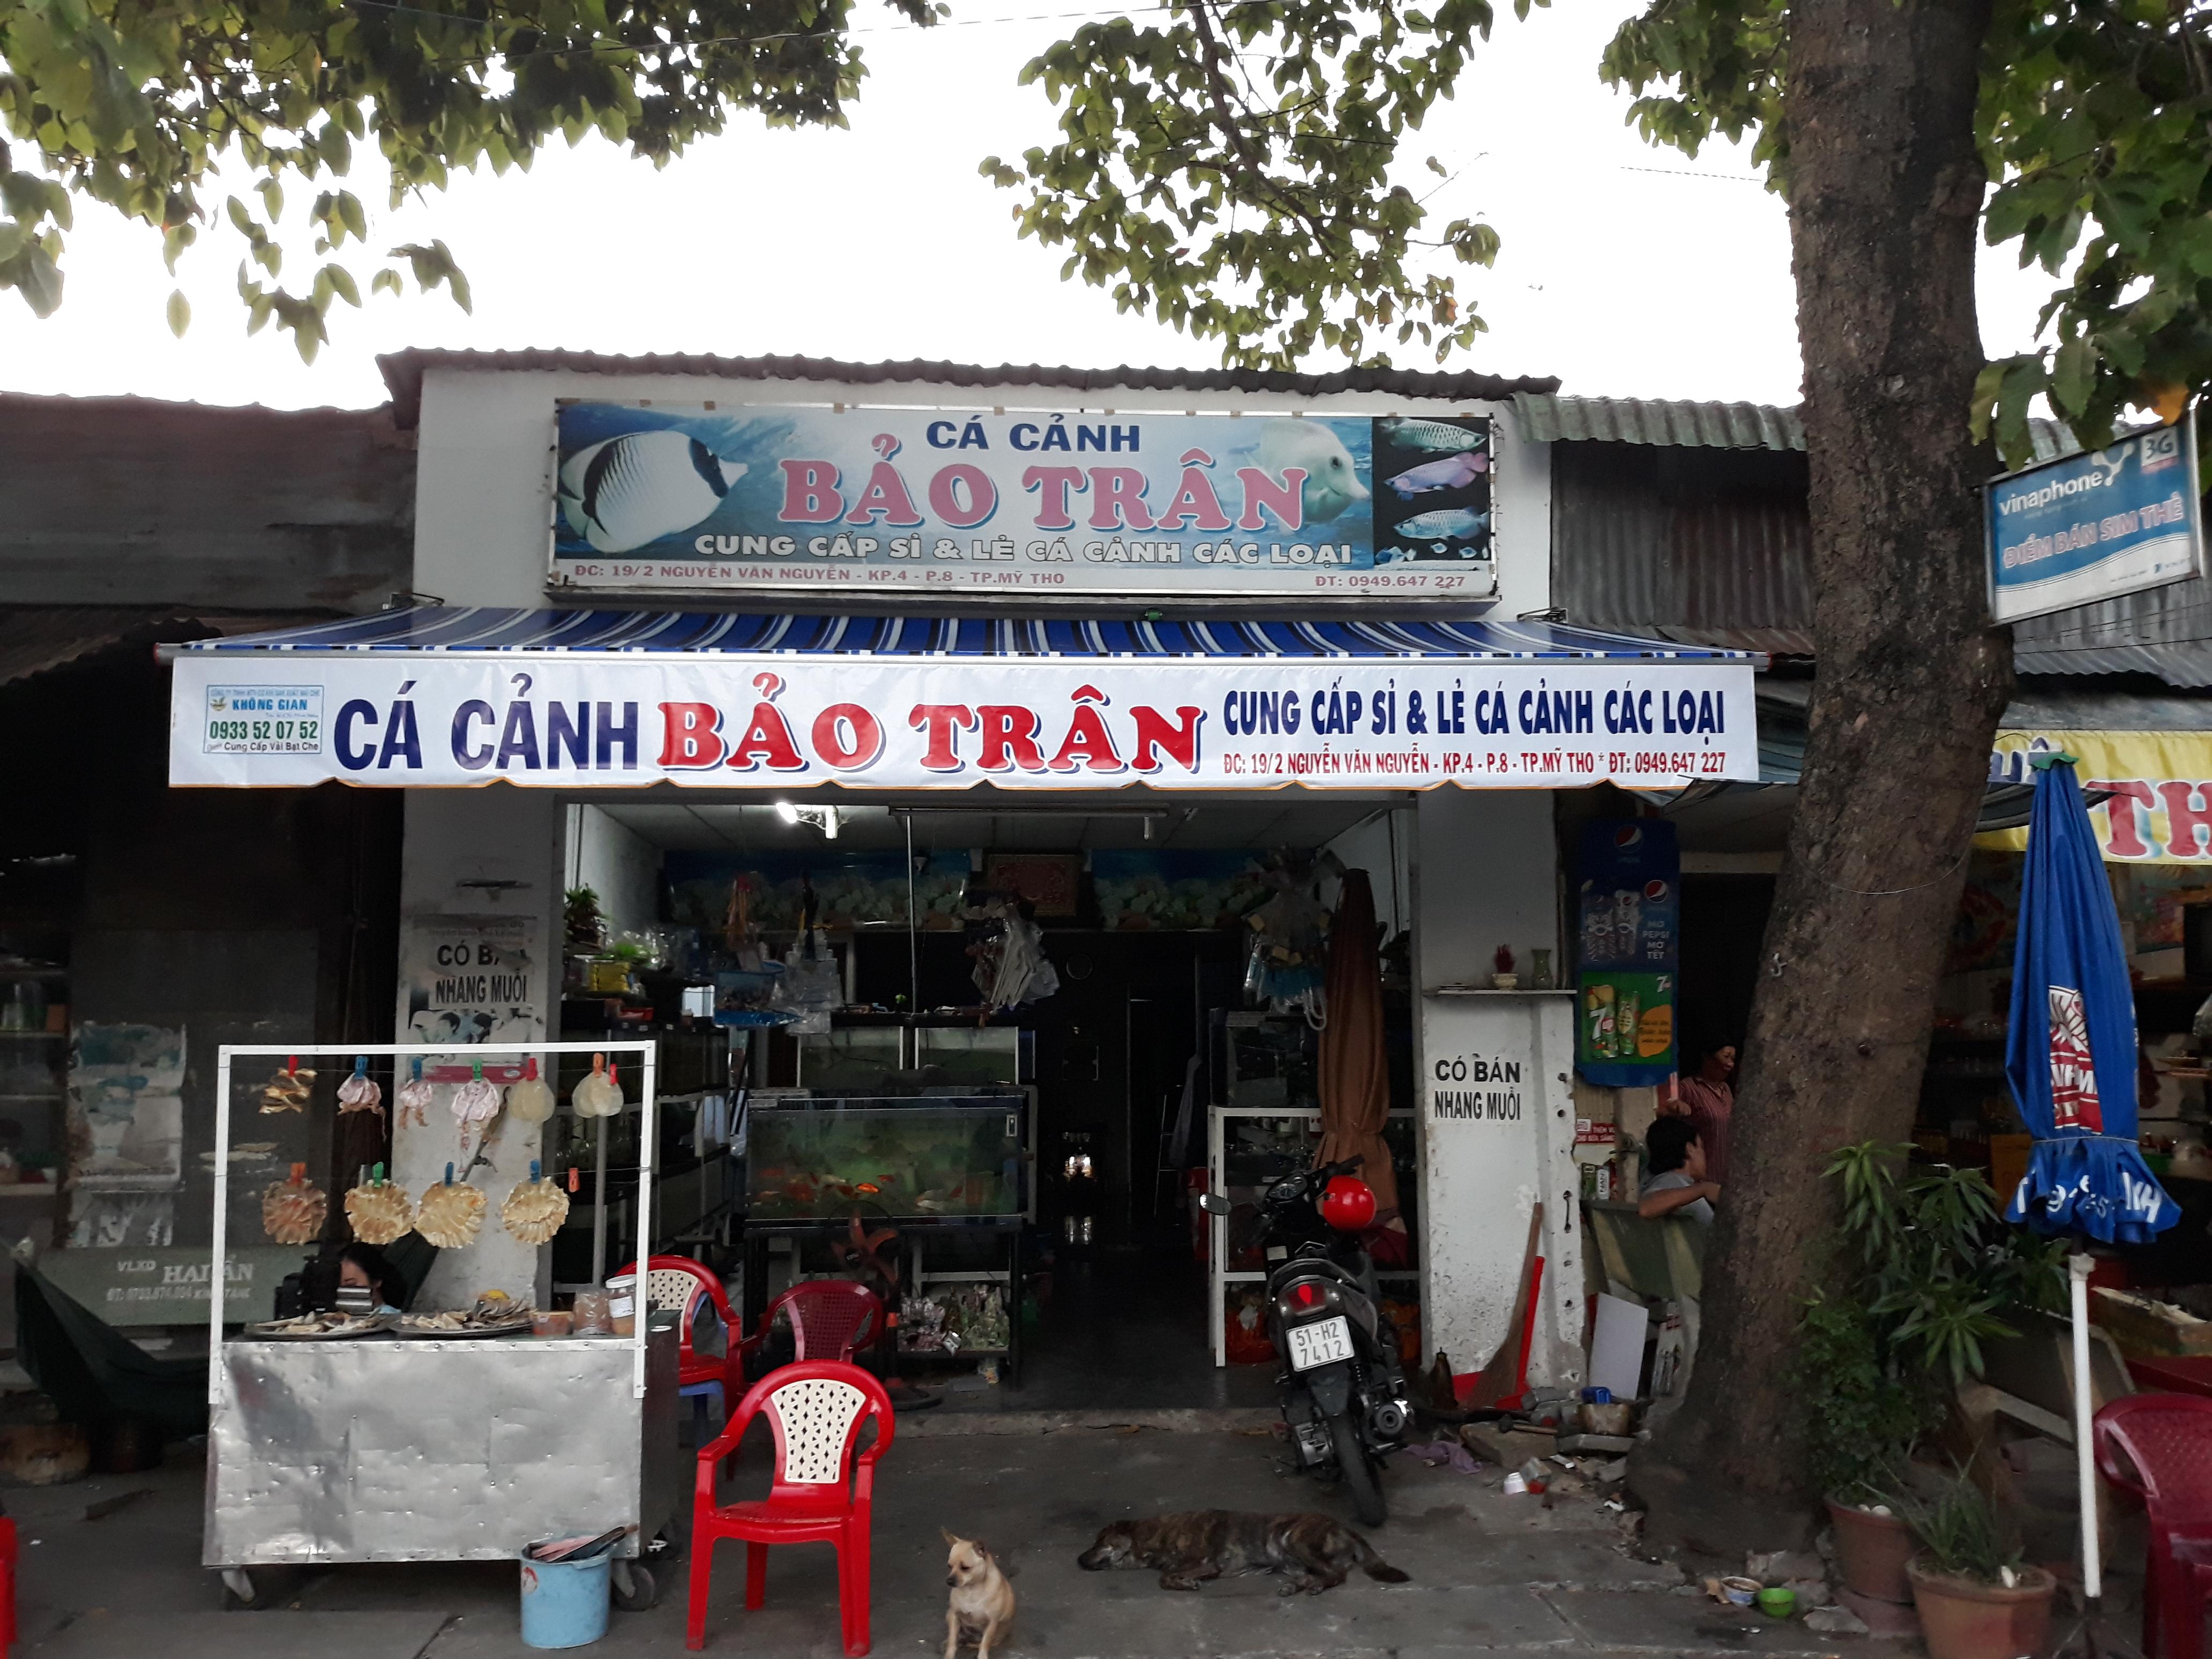 Mái Hiên Quảng Cáo Cửa Hàng Huyện Thanh Trị Sóc Trăng